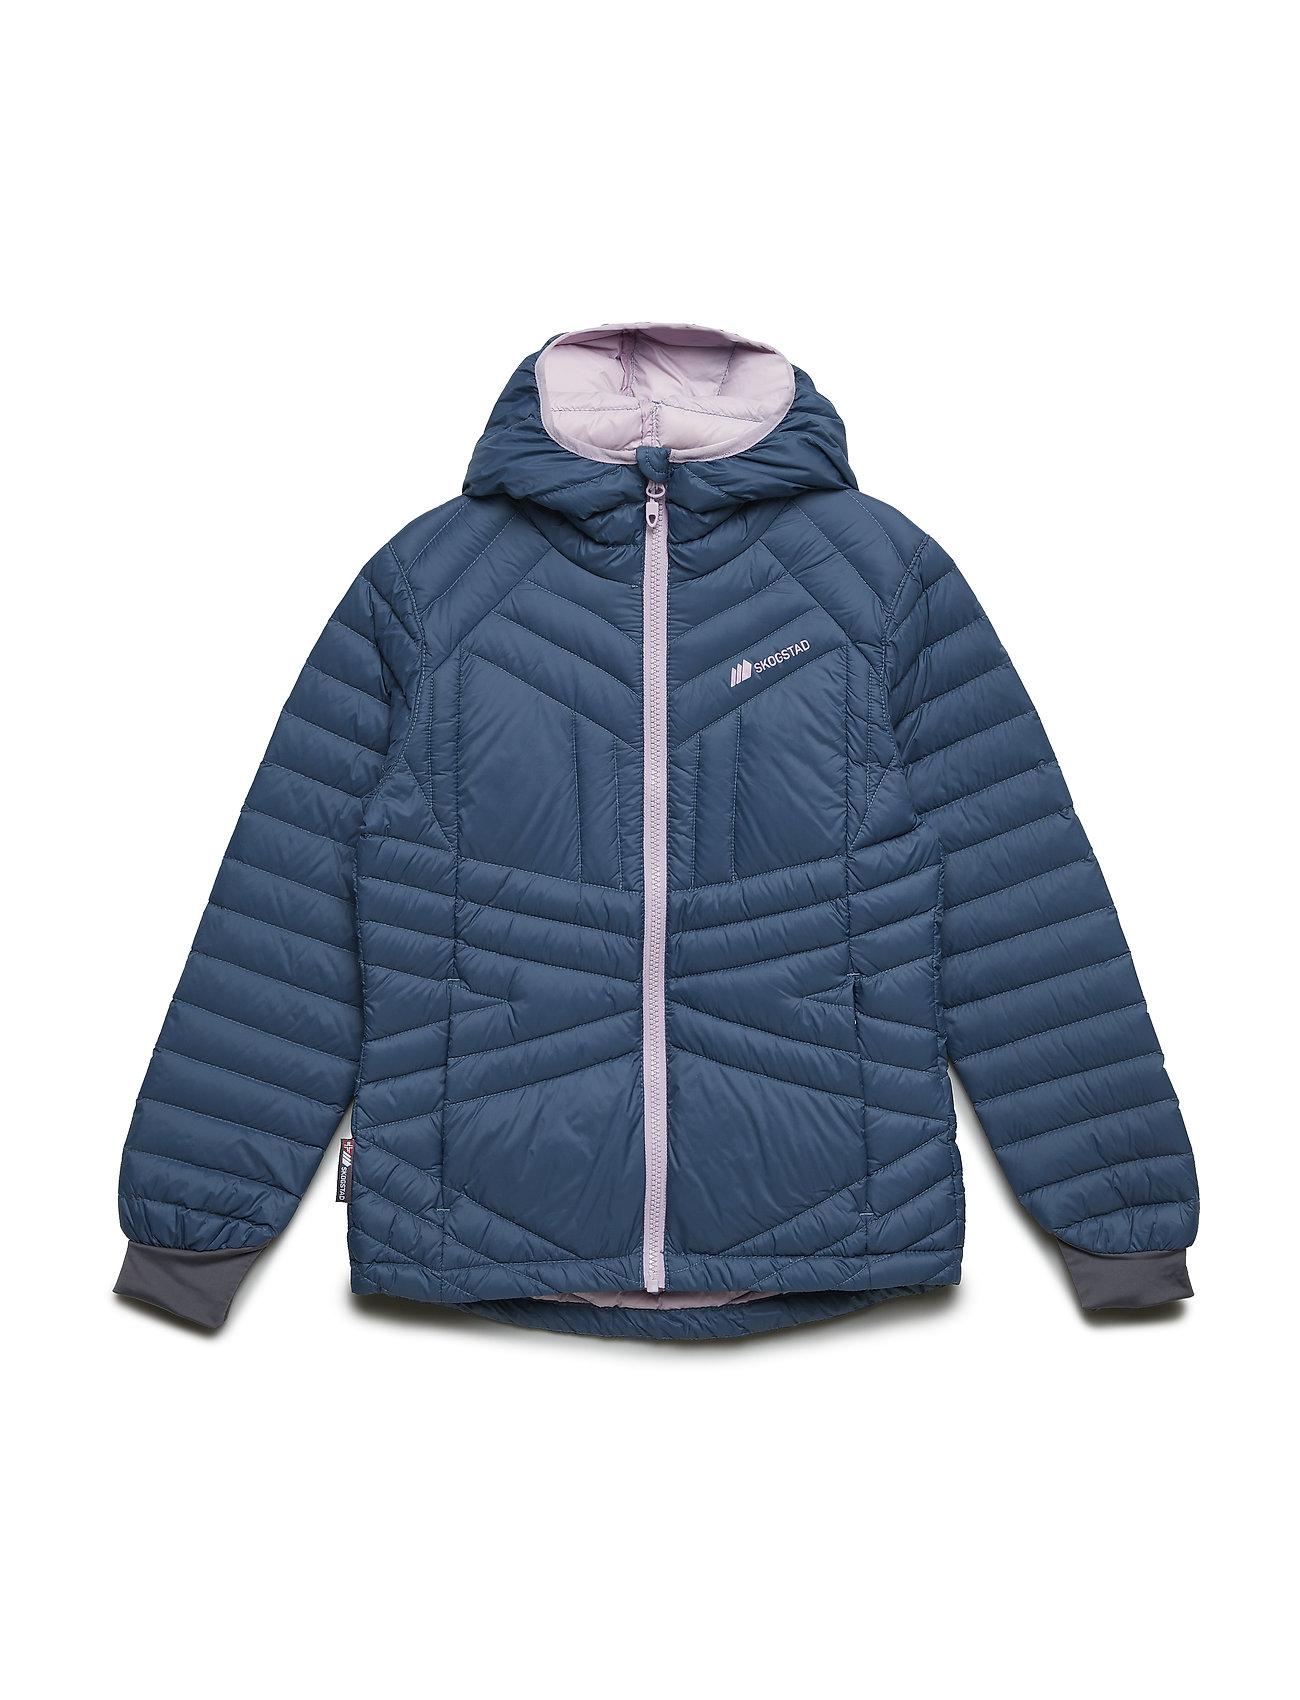 Image of Kvia Down Jacket Bh-top Blå SKOGSTAD (3071452593)